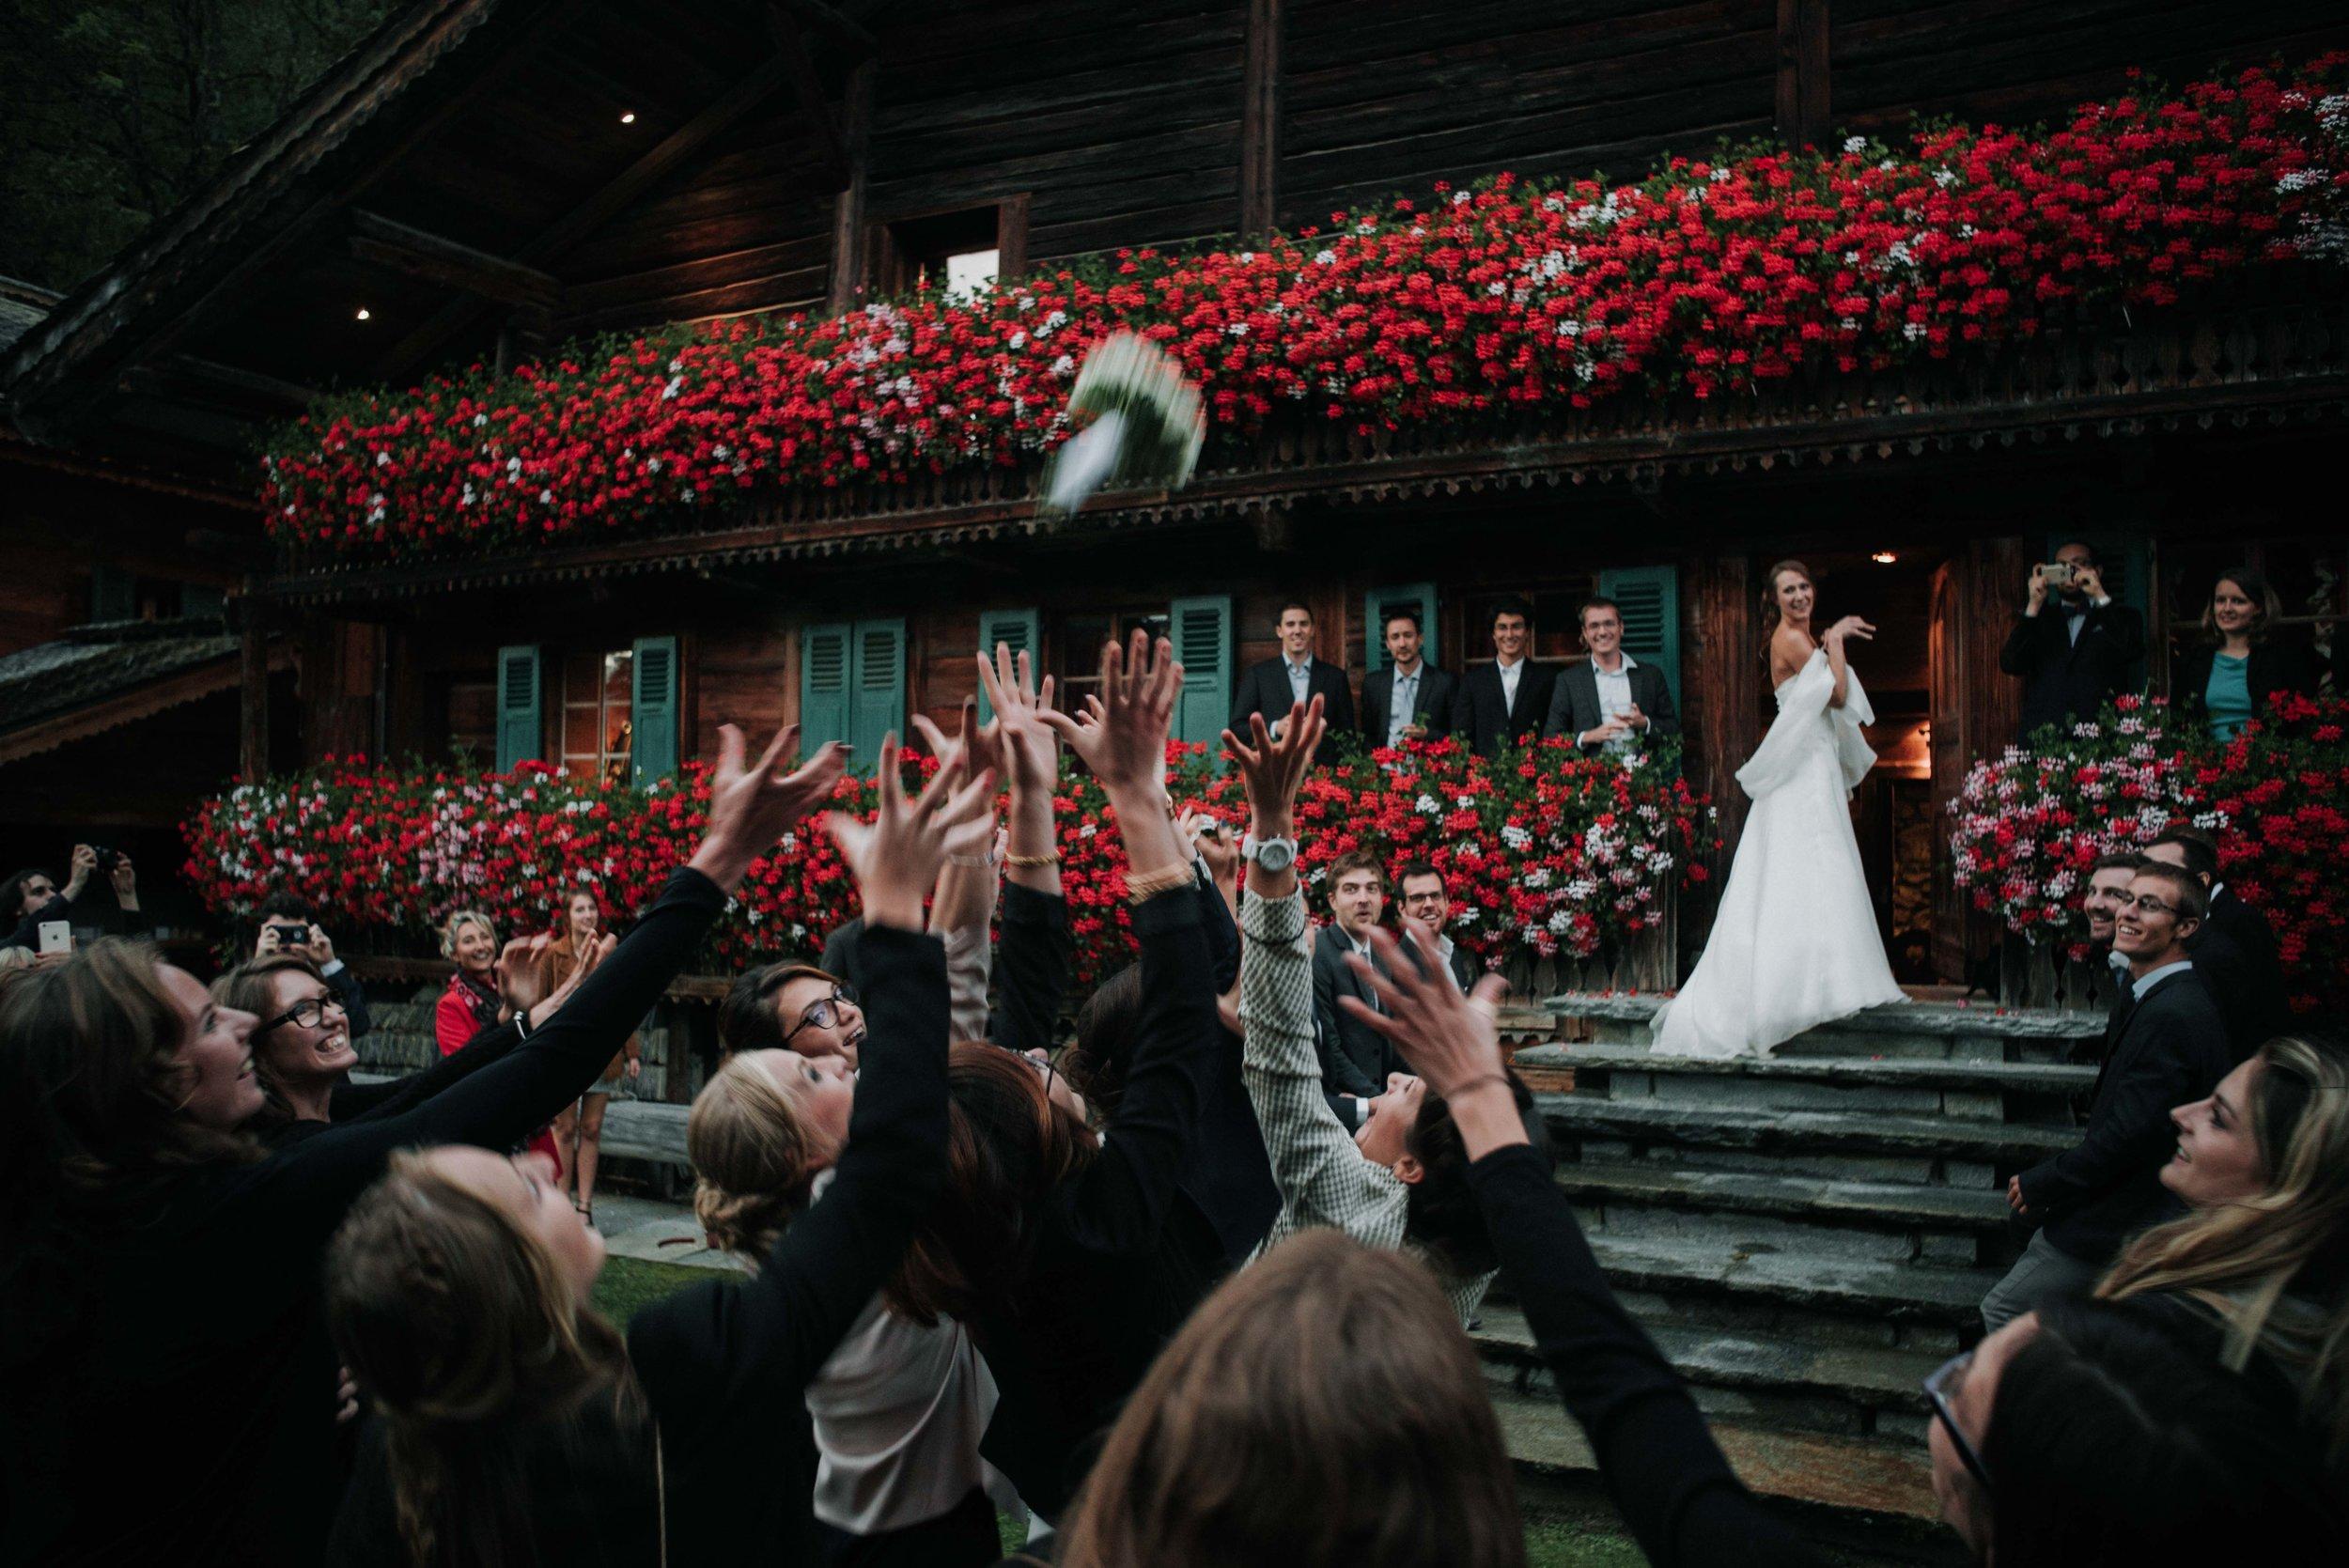 Léa-Fery-photographe-professionnel-lyon-rhone-alpes-portrait-creation-mariage-evenement-evenementiel-famille-3556.jpg